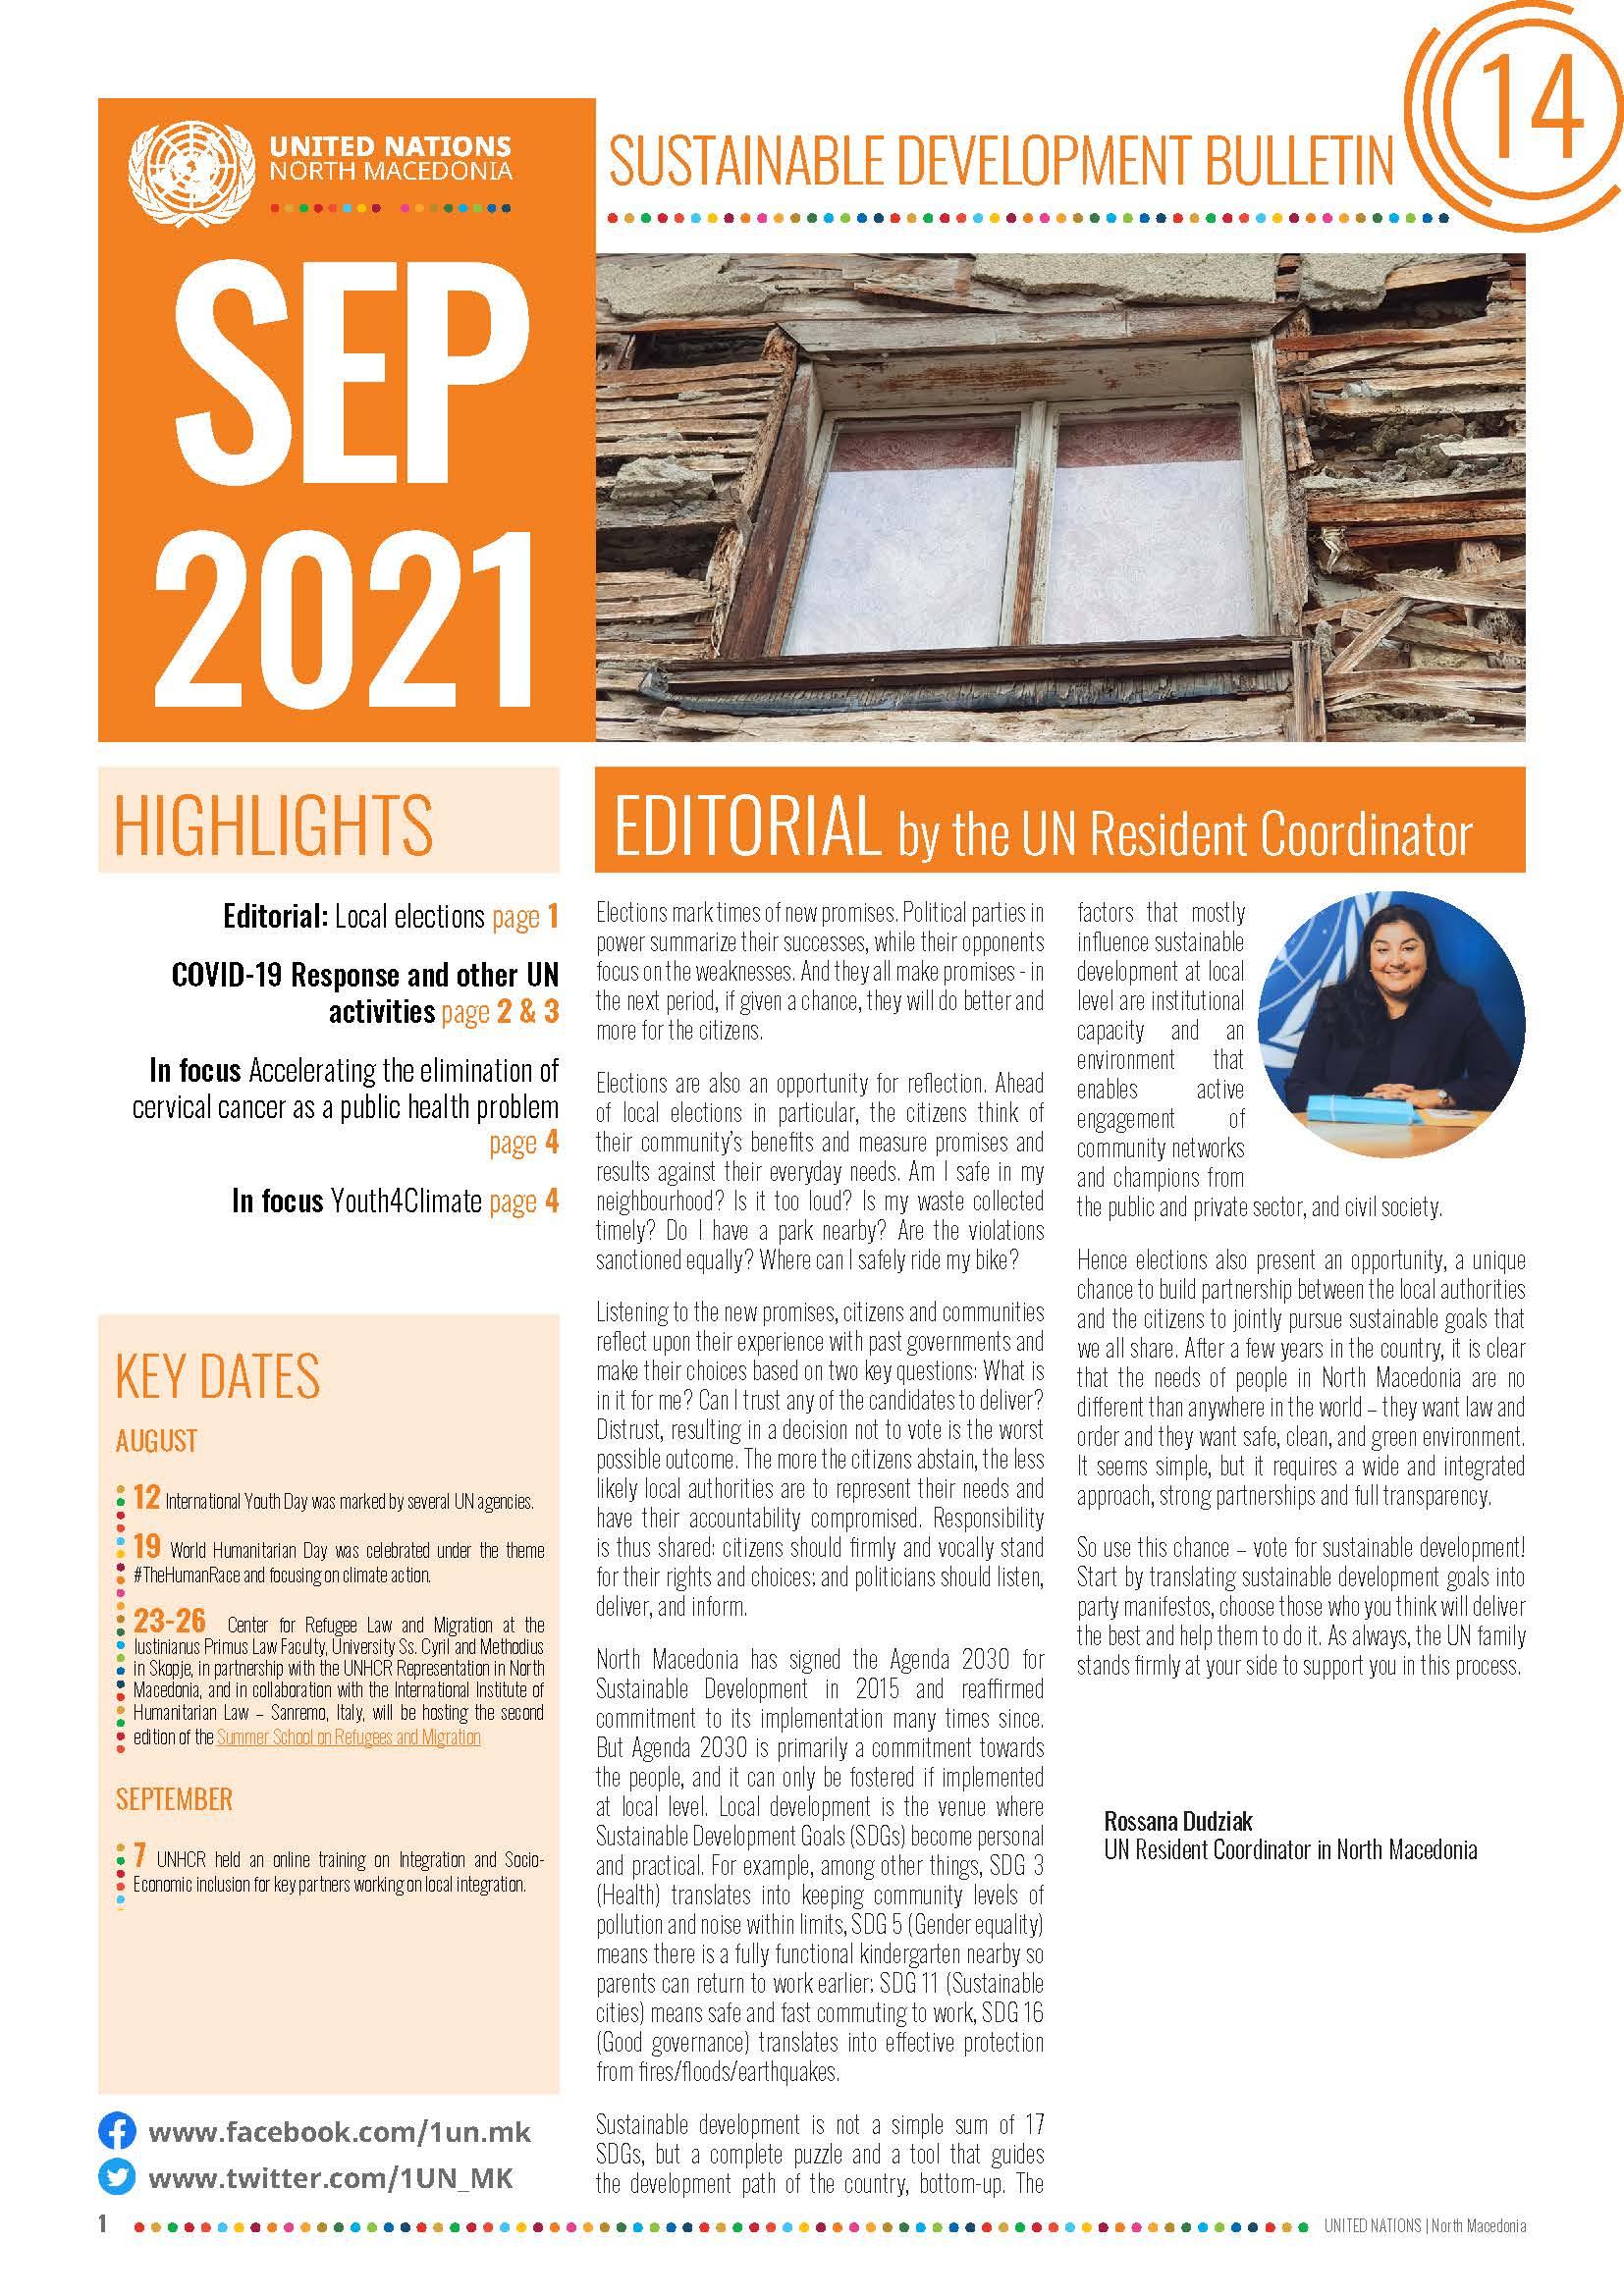 Билтен за одржлив развој за септември 2021